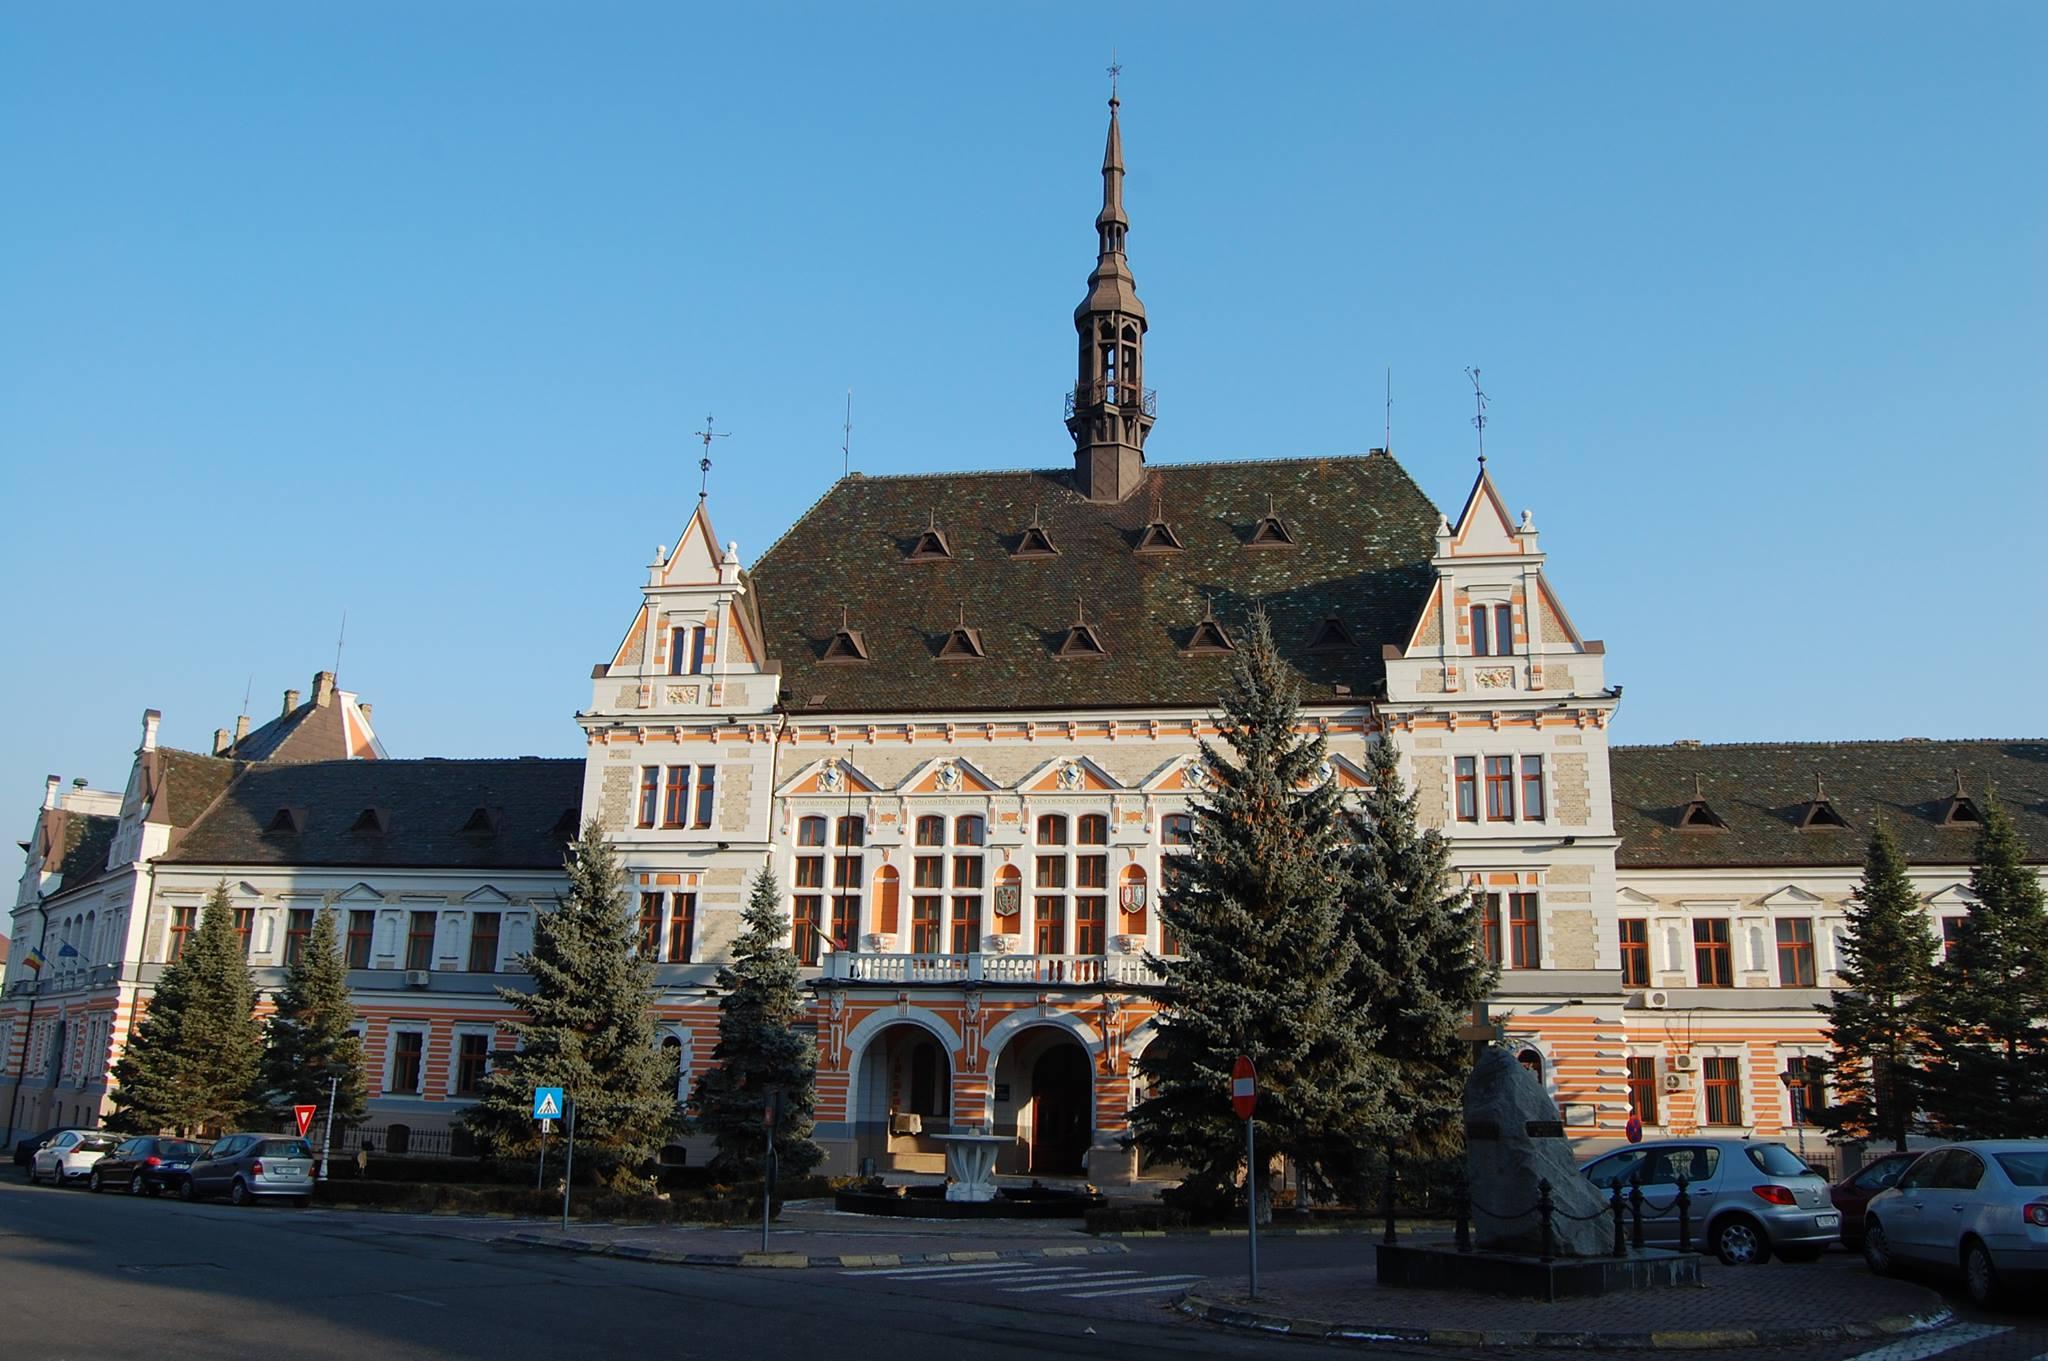 Angajații Consiliului Județean Hunedoara, testați pentru coronavirus, după ce mai mulți colegi ai lor s-au îmbolnăvit